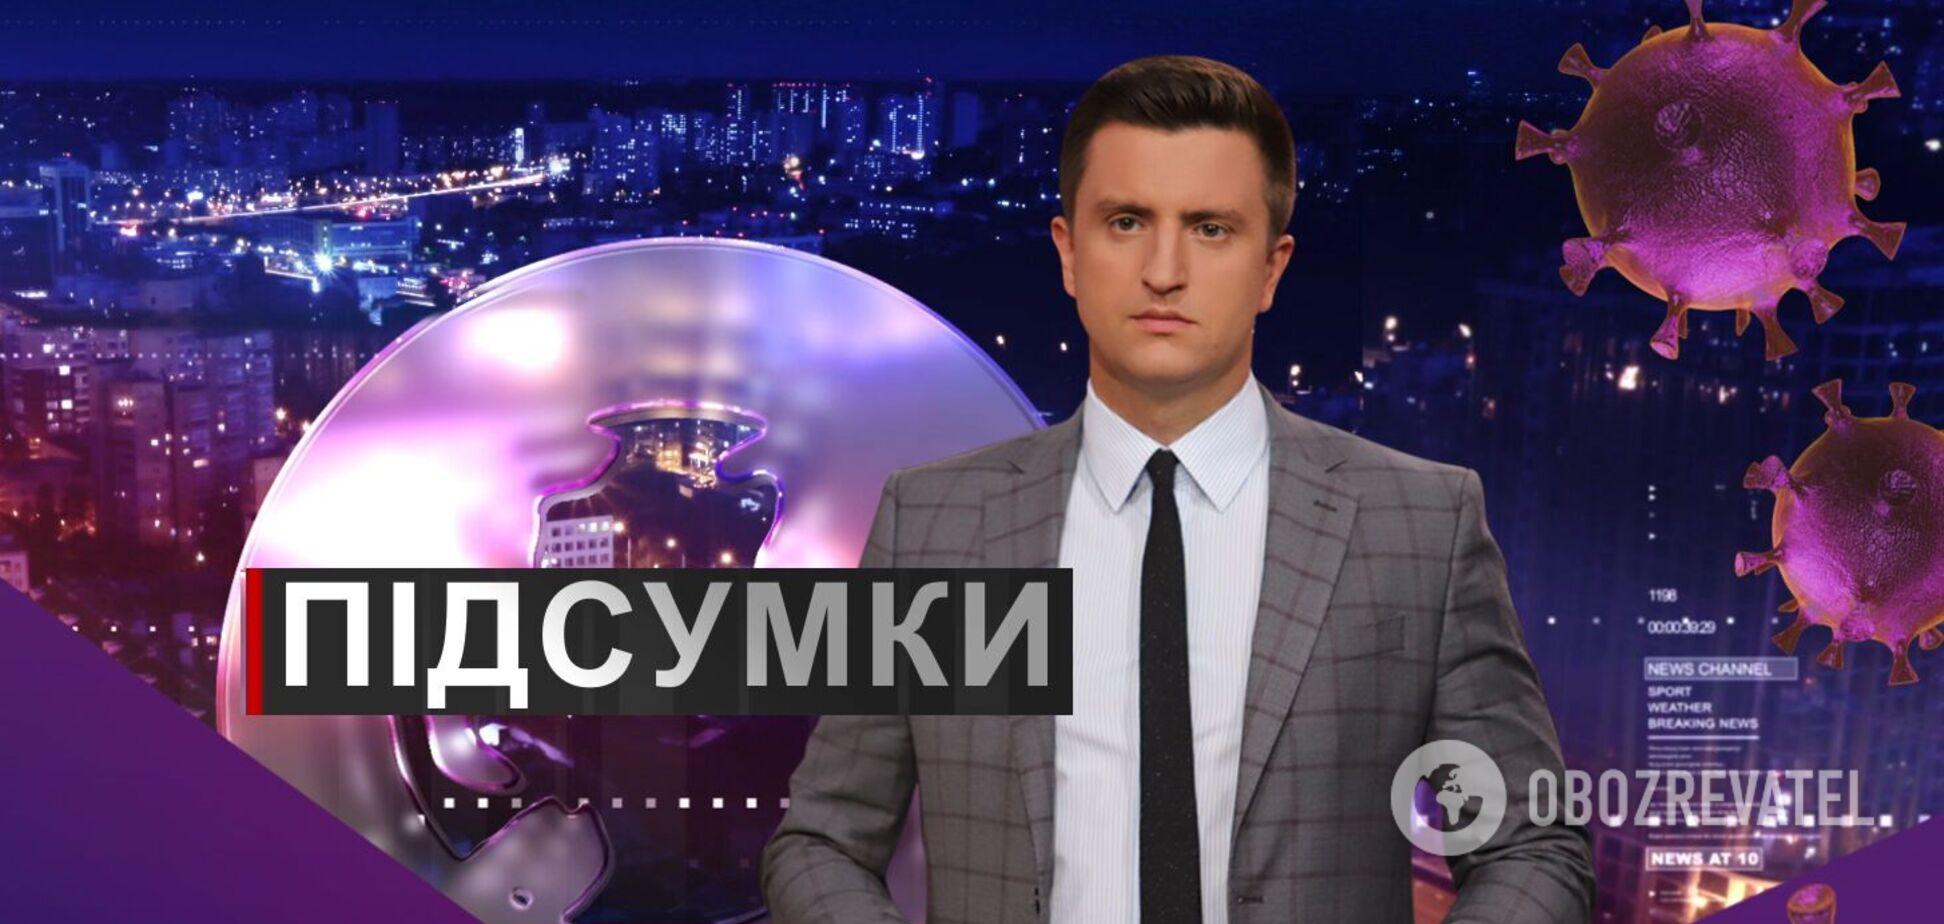 Підсумки дня з Вадимом Колодійчуком. Вівторок, 8 грудня